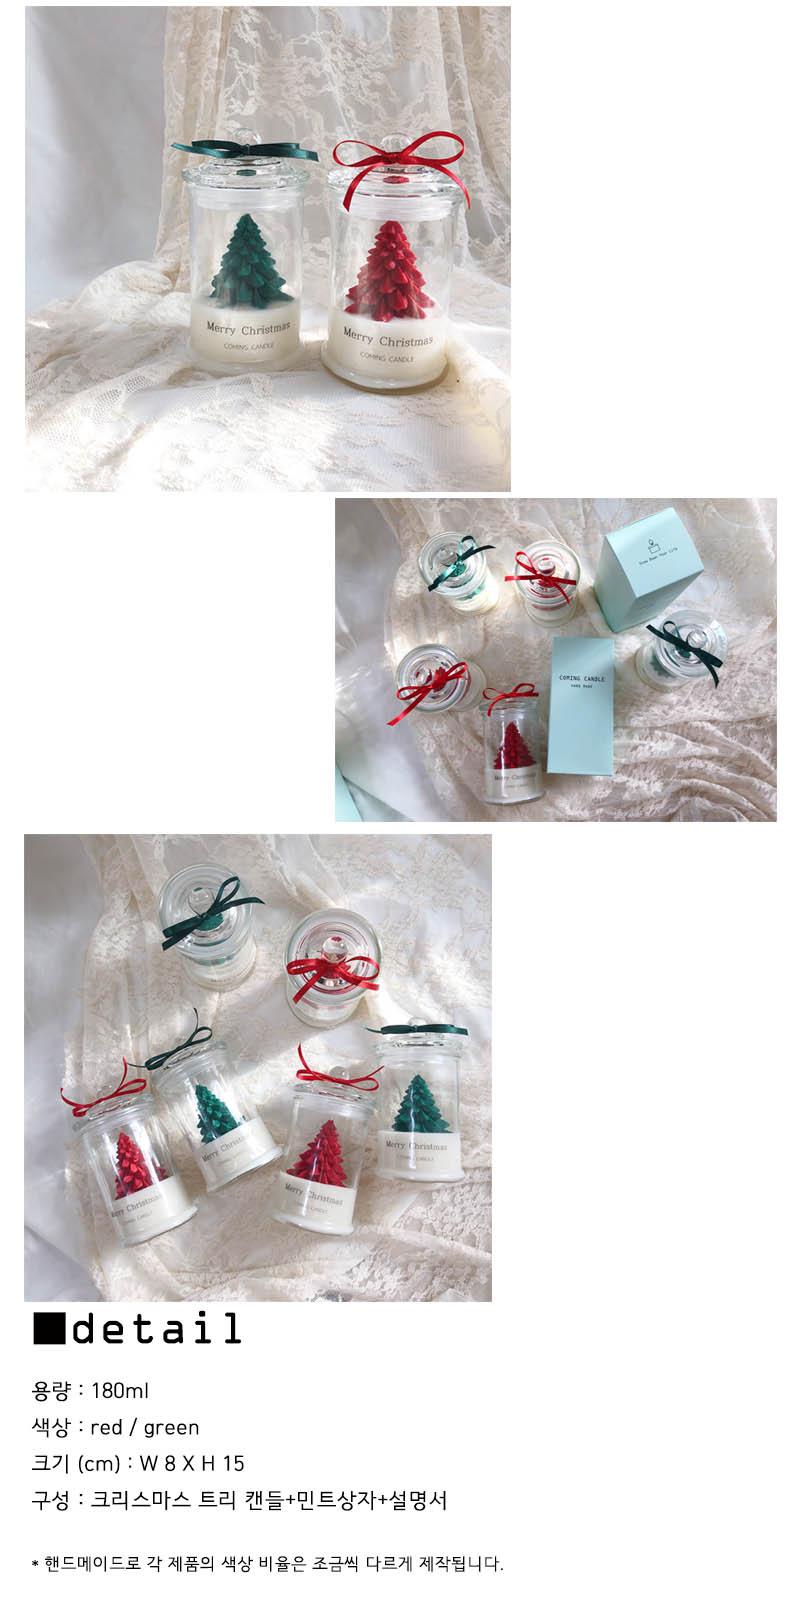 크리스마스 병 속 트리캔들 - 커밍캔들, 24,000원, 캔들, 아로마 캔들